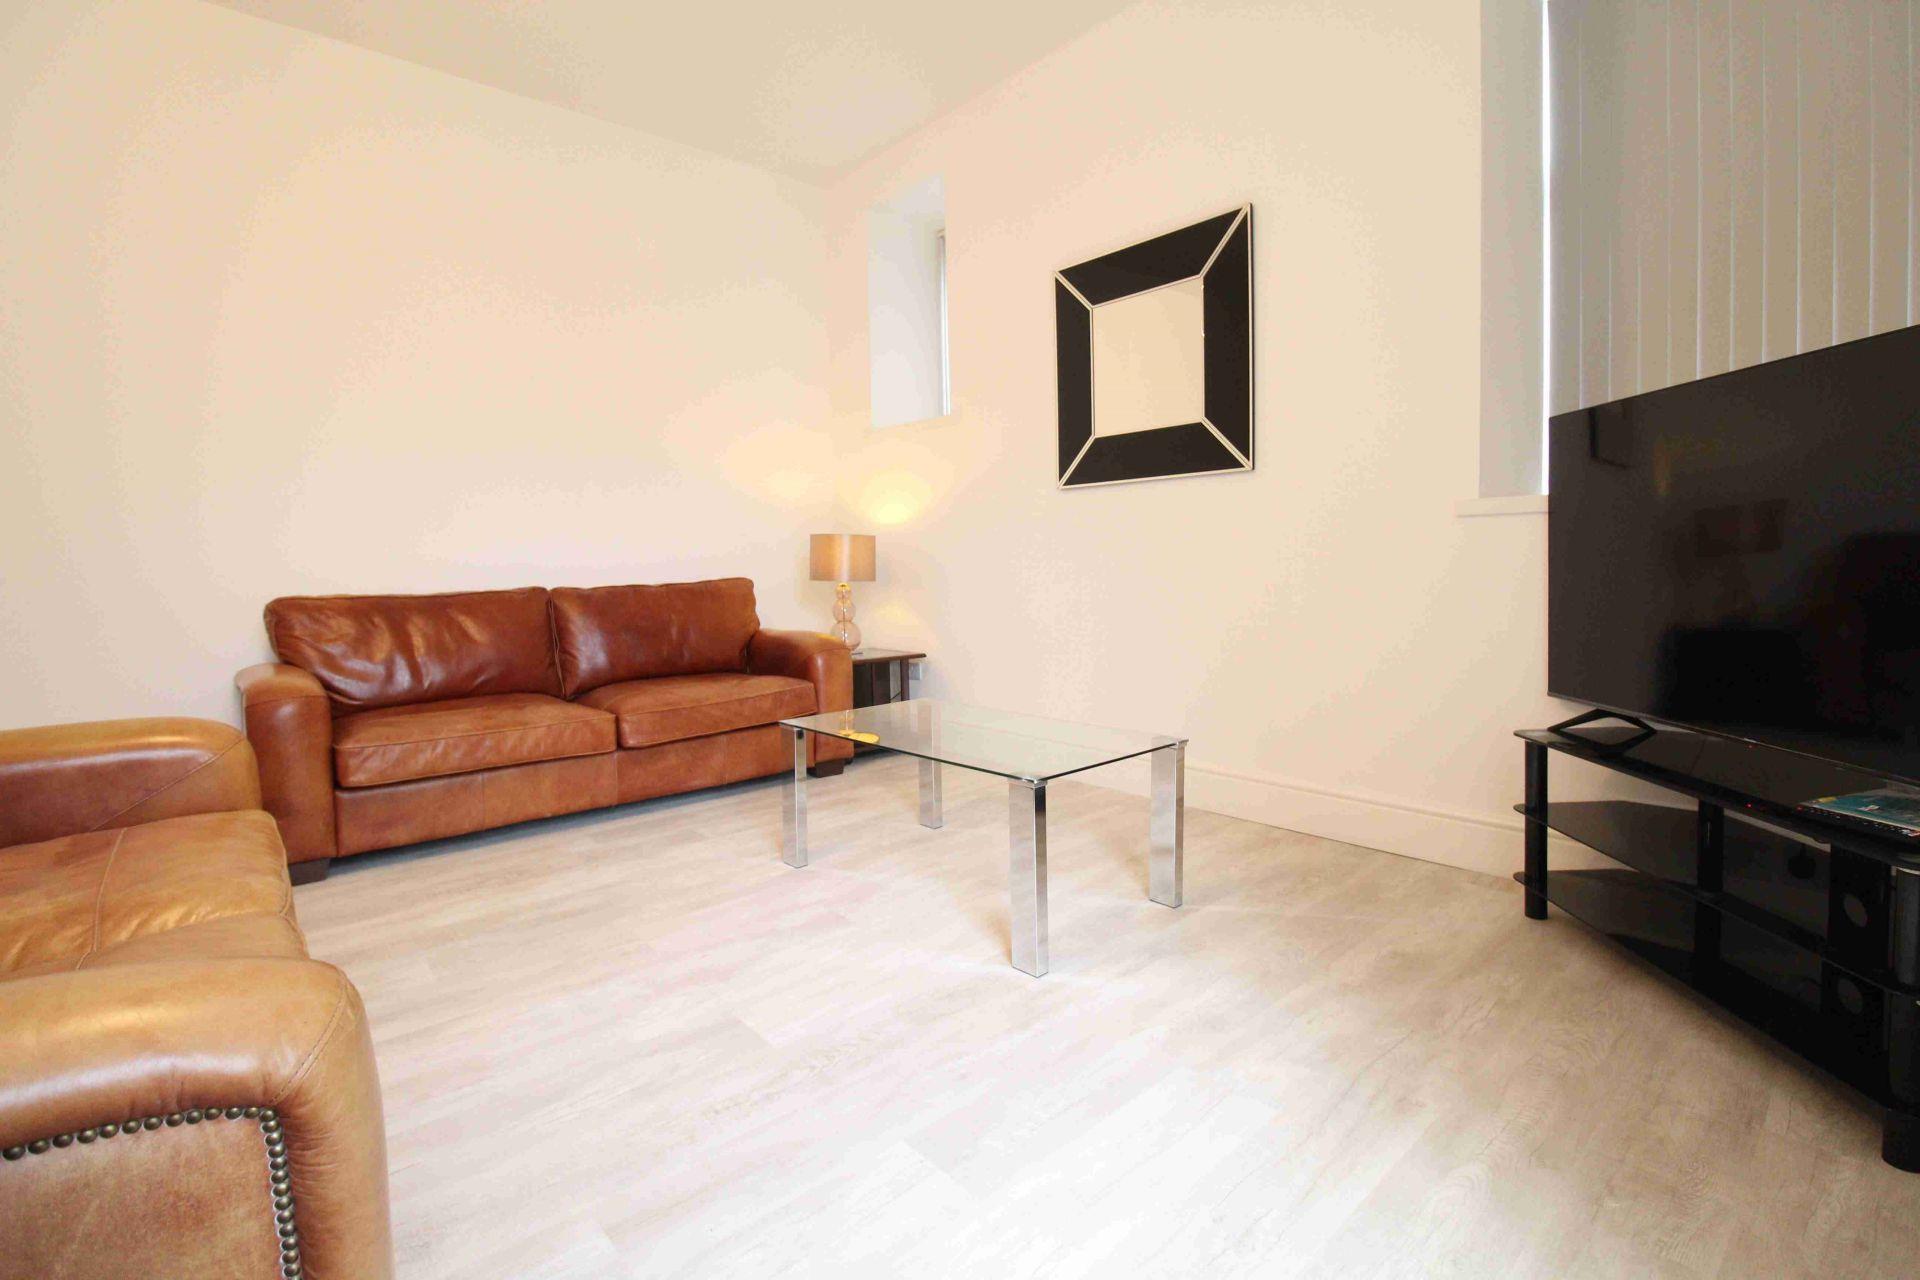 ARD-Properties-Development-Sites-Buy-Homes-Rent-Aberdeenshire-Rentals-Apartment-A-Loanhead-Terrace-Aberdeen-Banner (5)